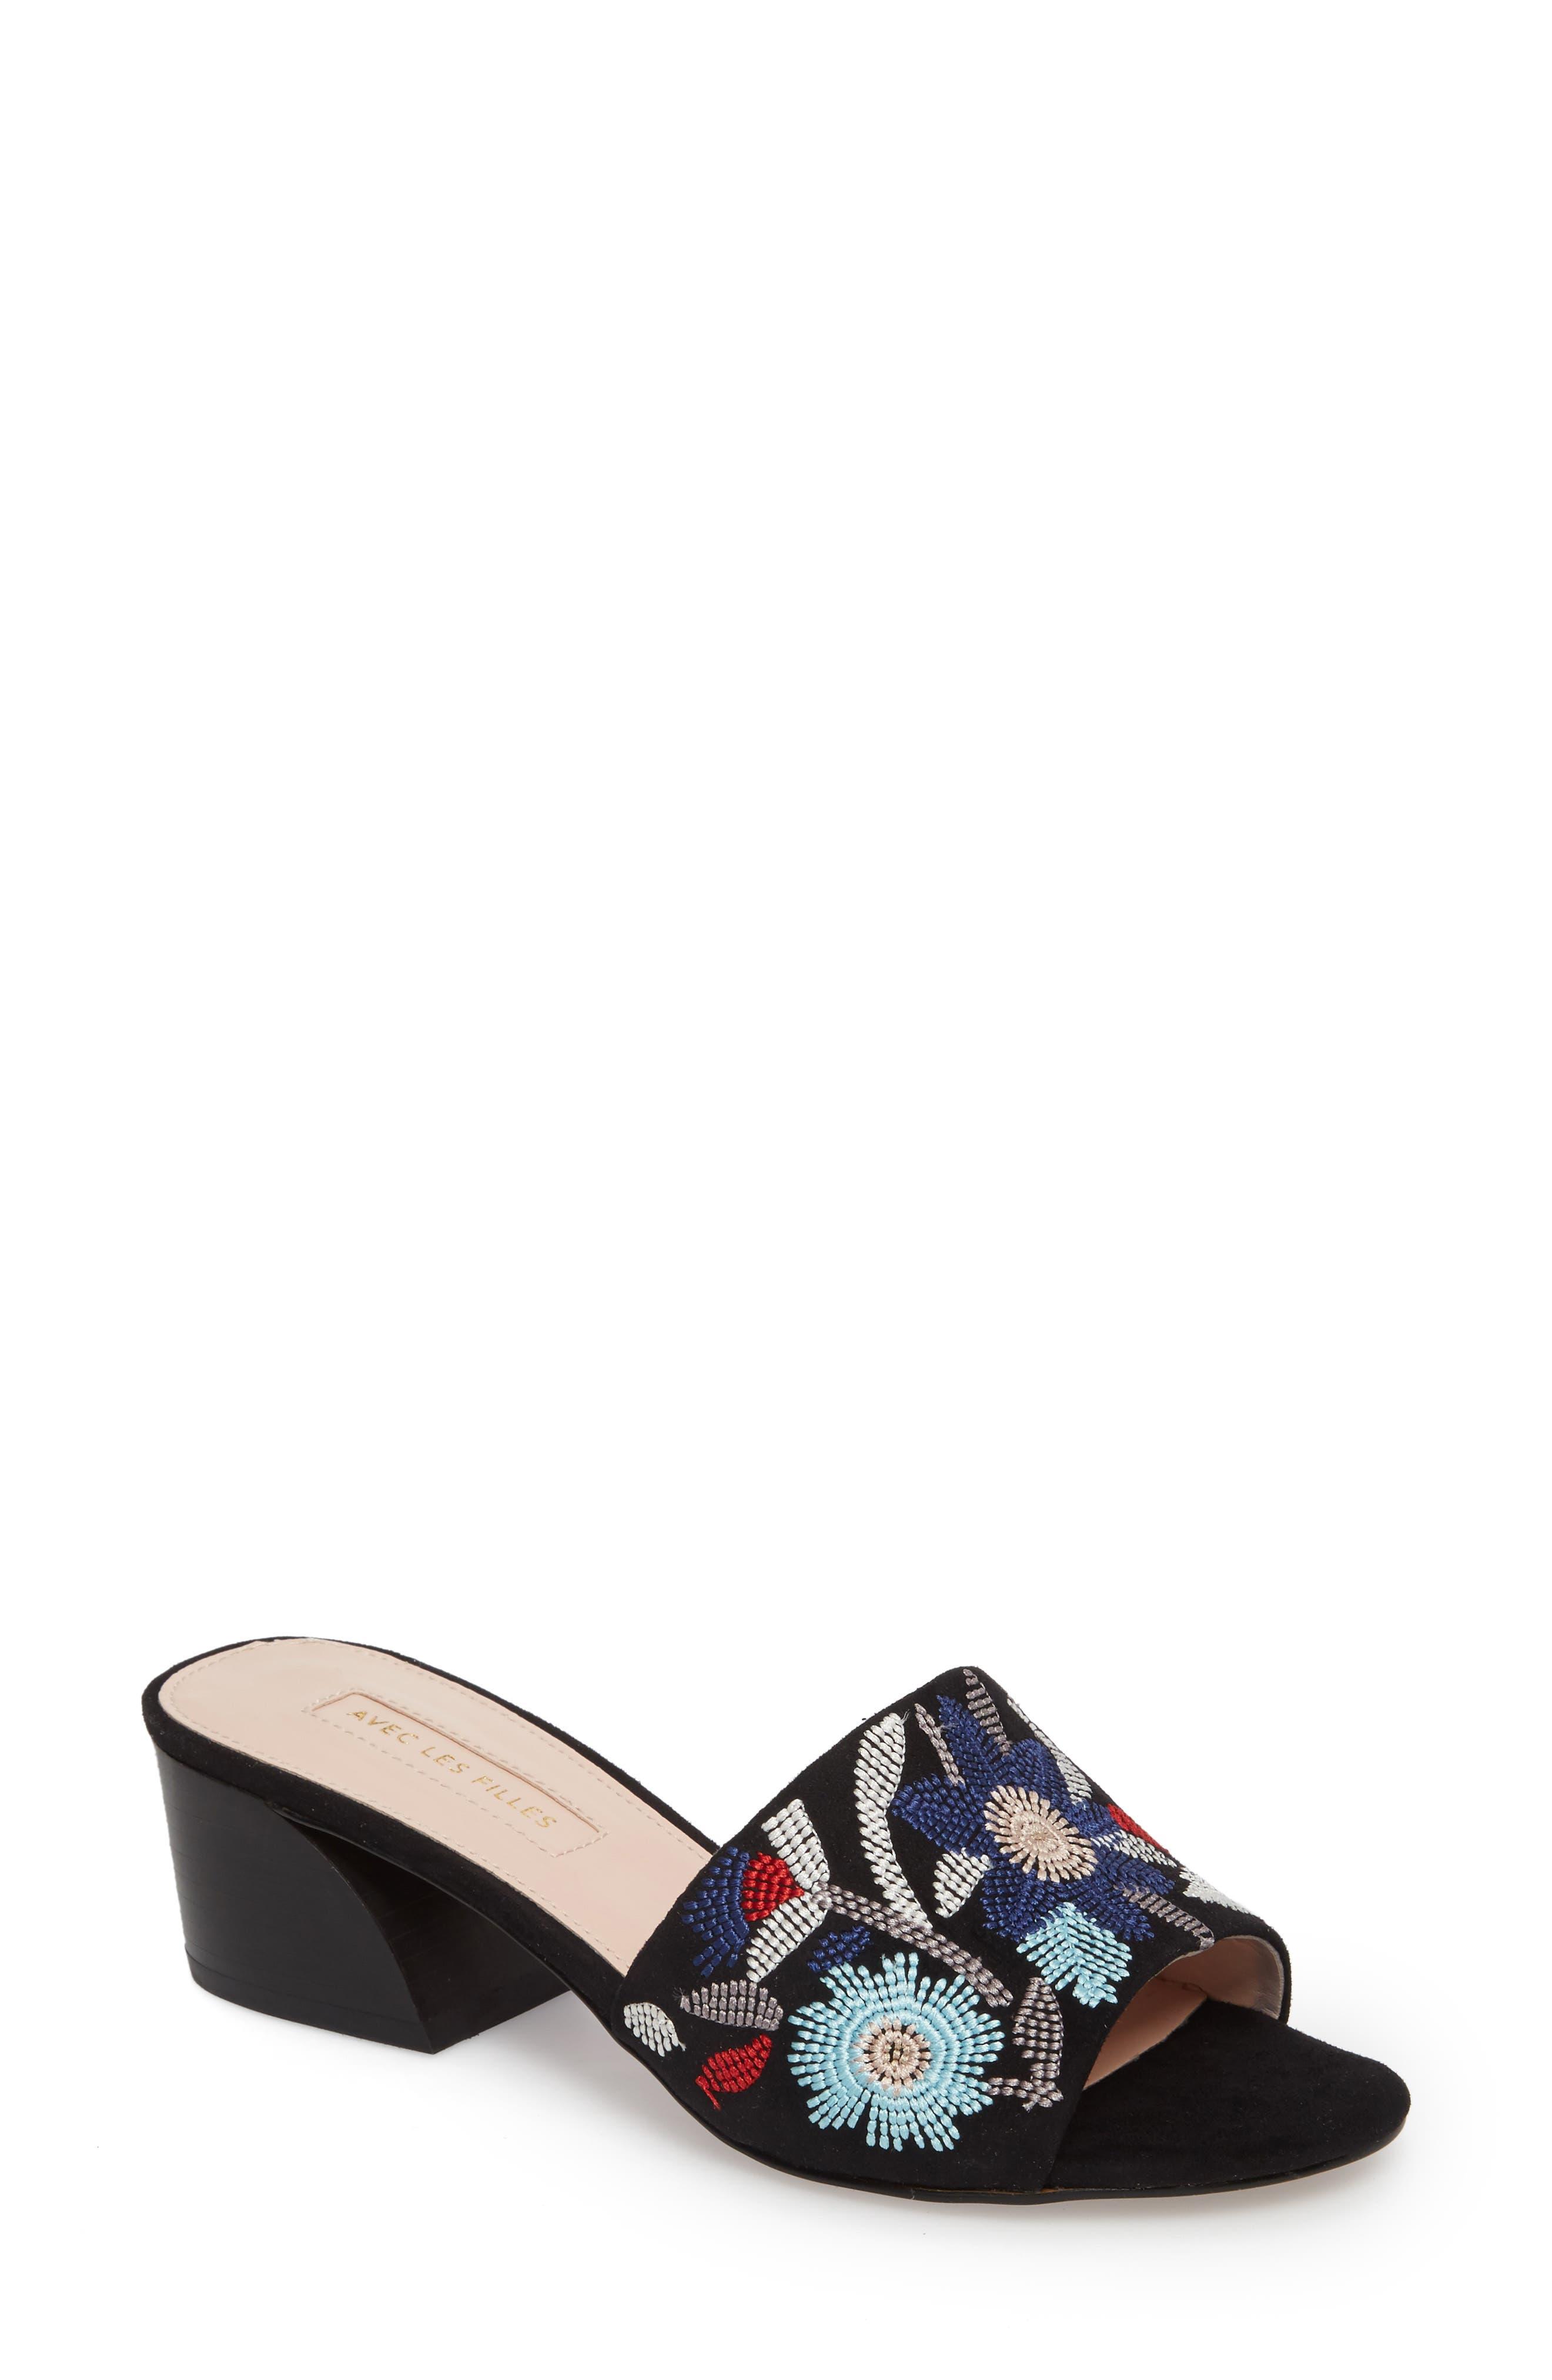 Sloane Sandal,                             Main thumbnail 1, color,                             Black Multi Fabric